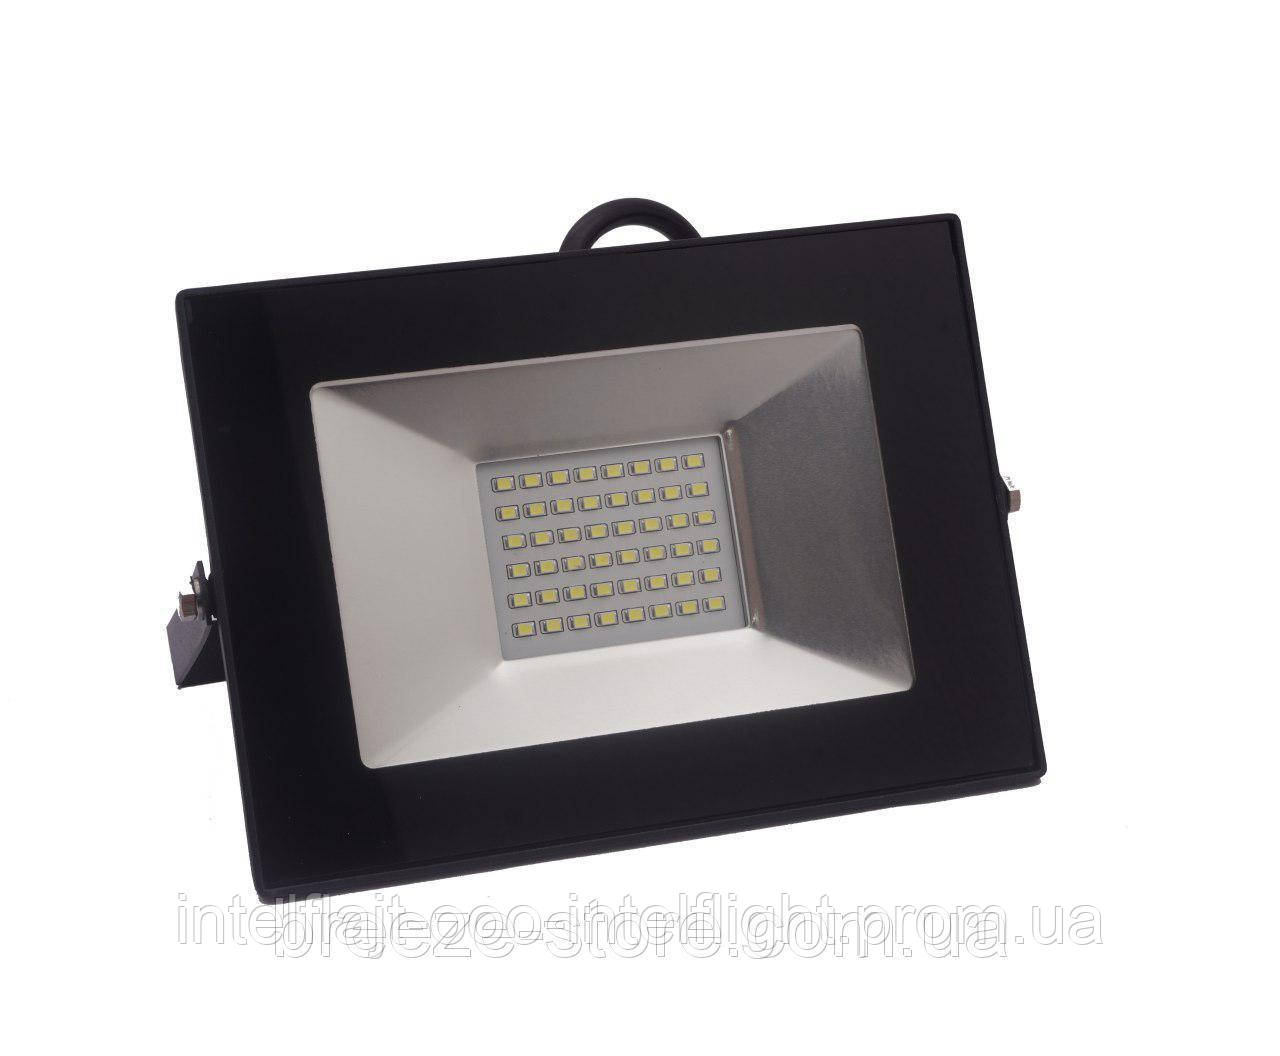 Светодиодный LED прожектор матричный SMD AVT2-IC 50W mini